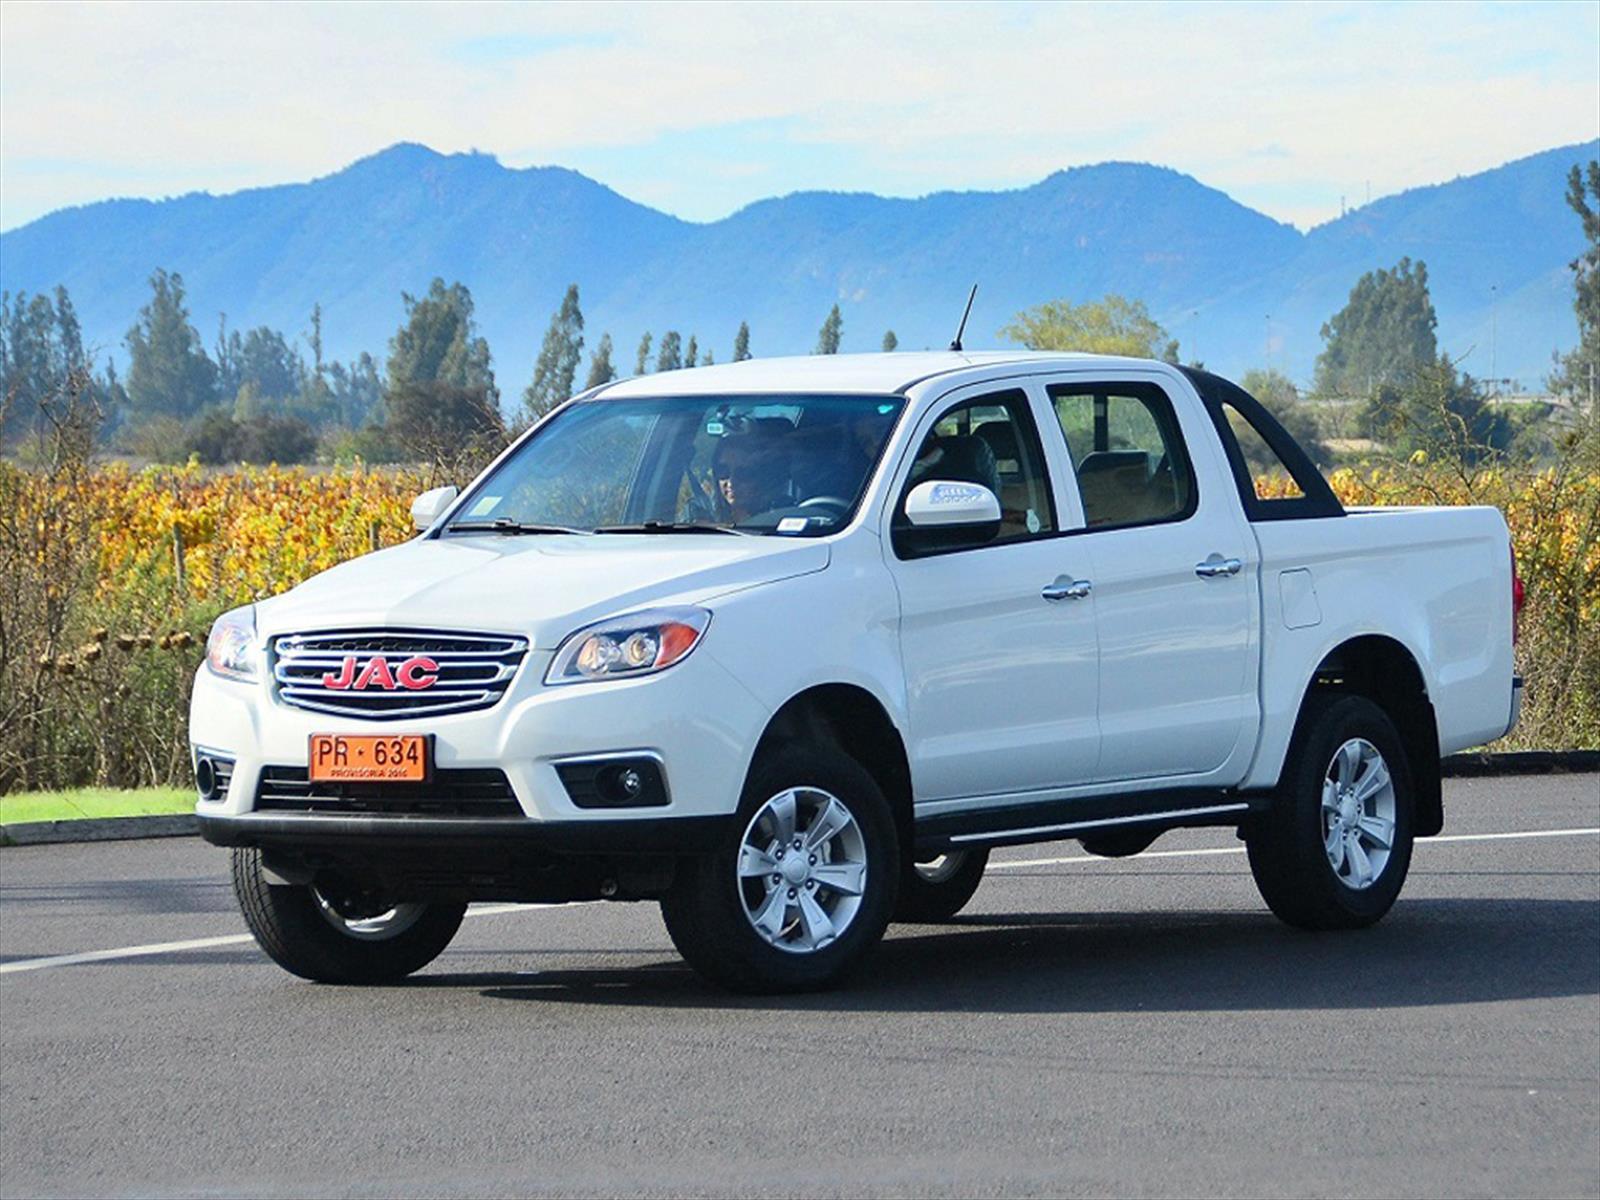 JAC estrena en Chile la camioneta T6 - Autocosmos.com